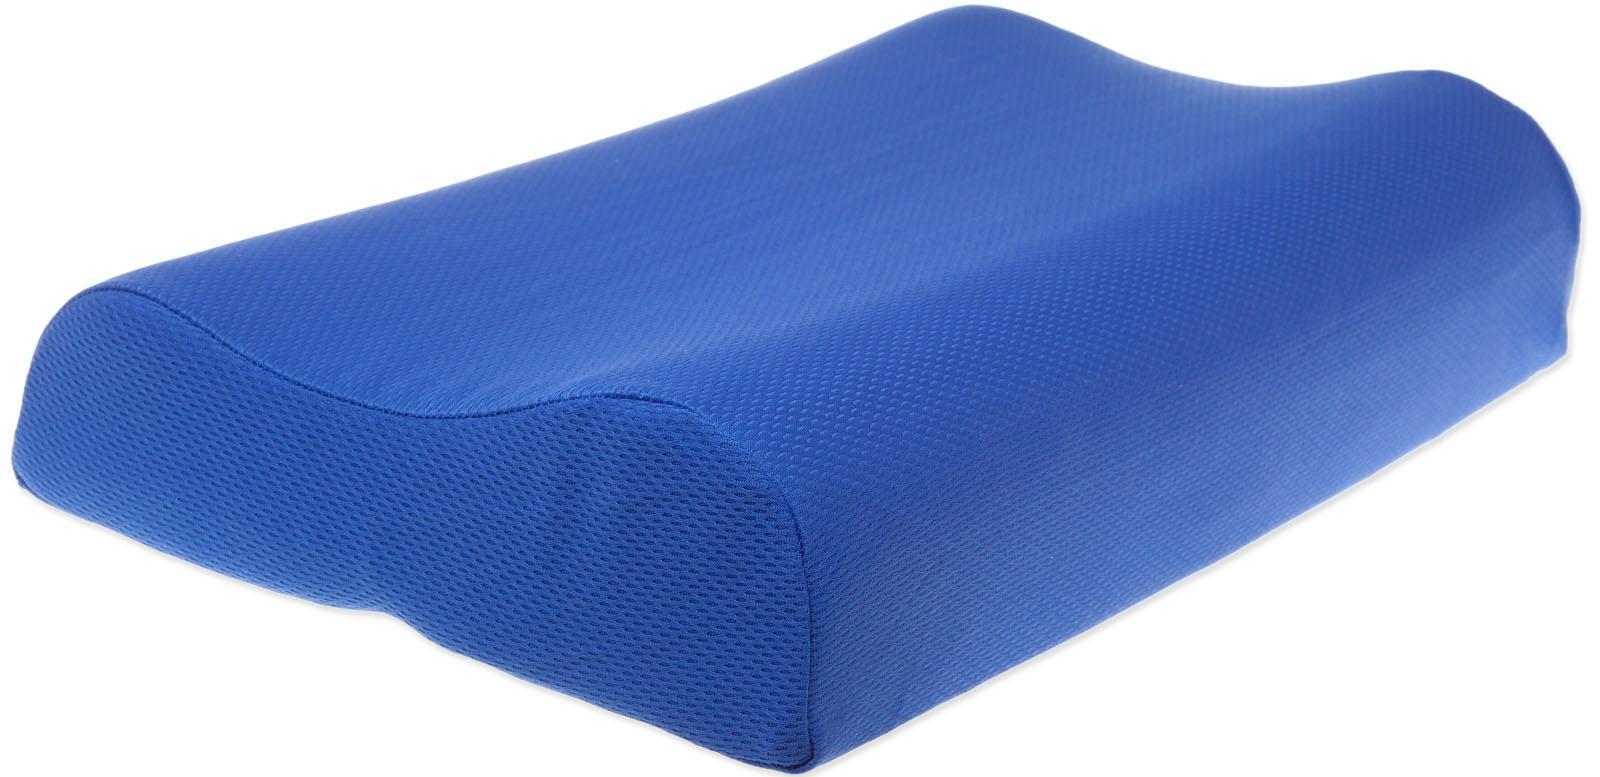 Jekatex Reisekissen Ergo 50x30cm, (1 tlg.) blau Nackenkissen Kissen